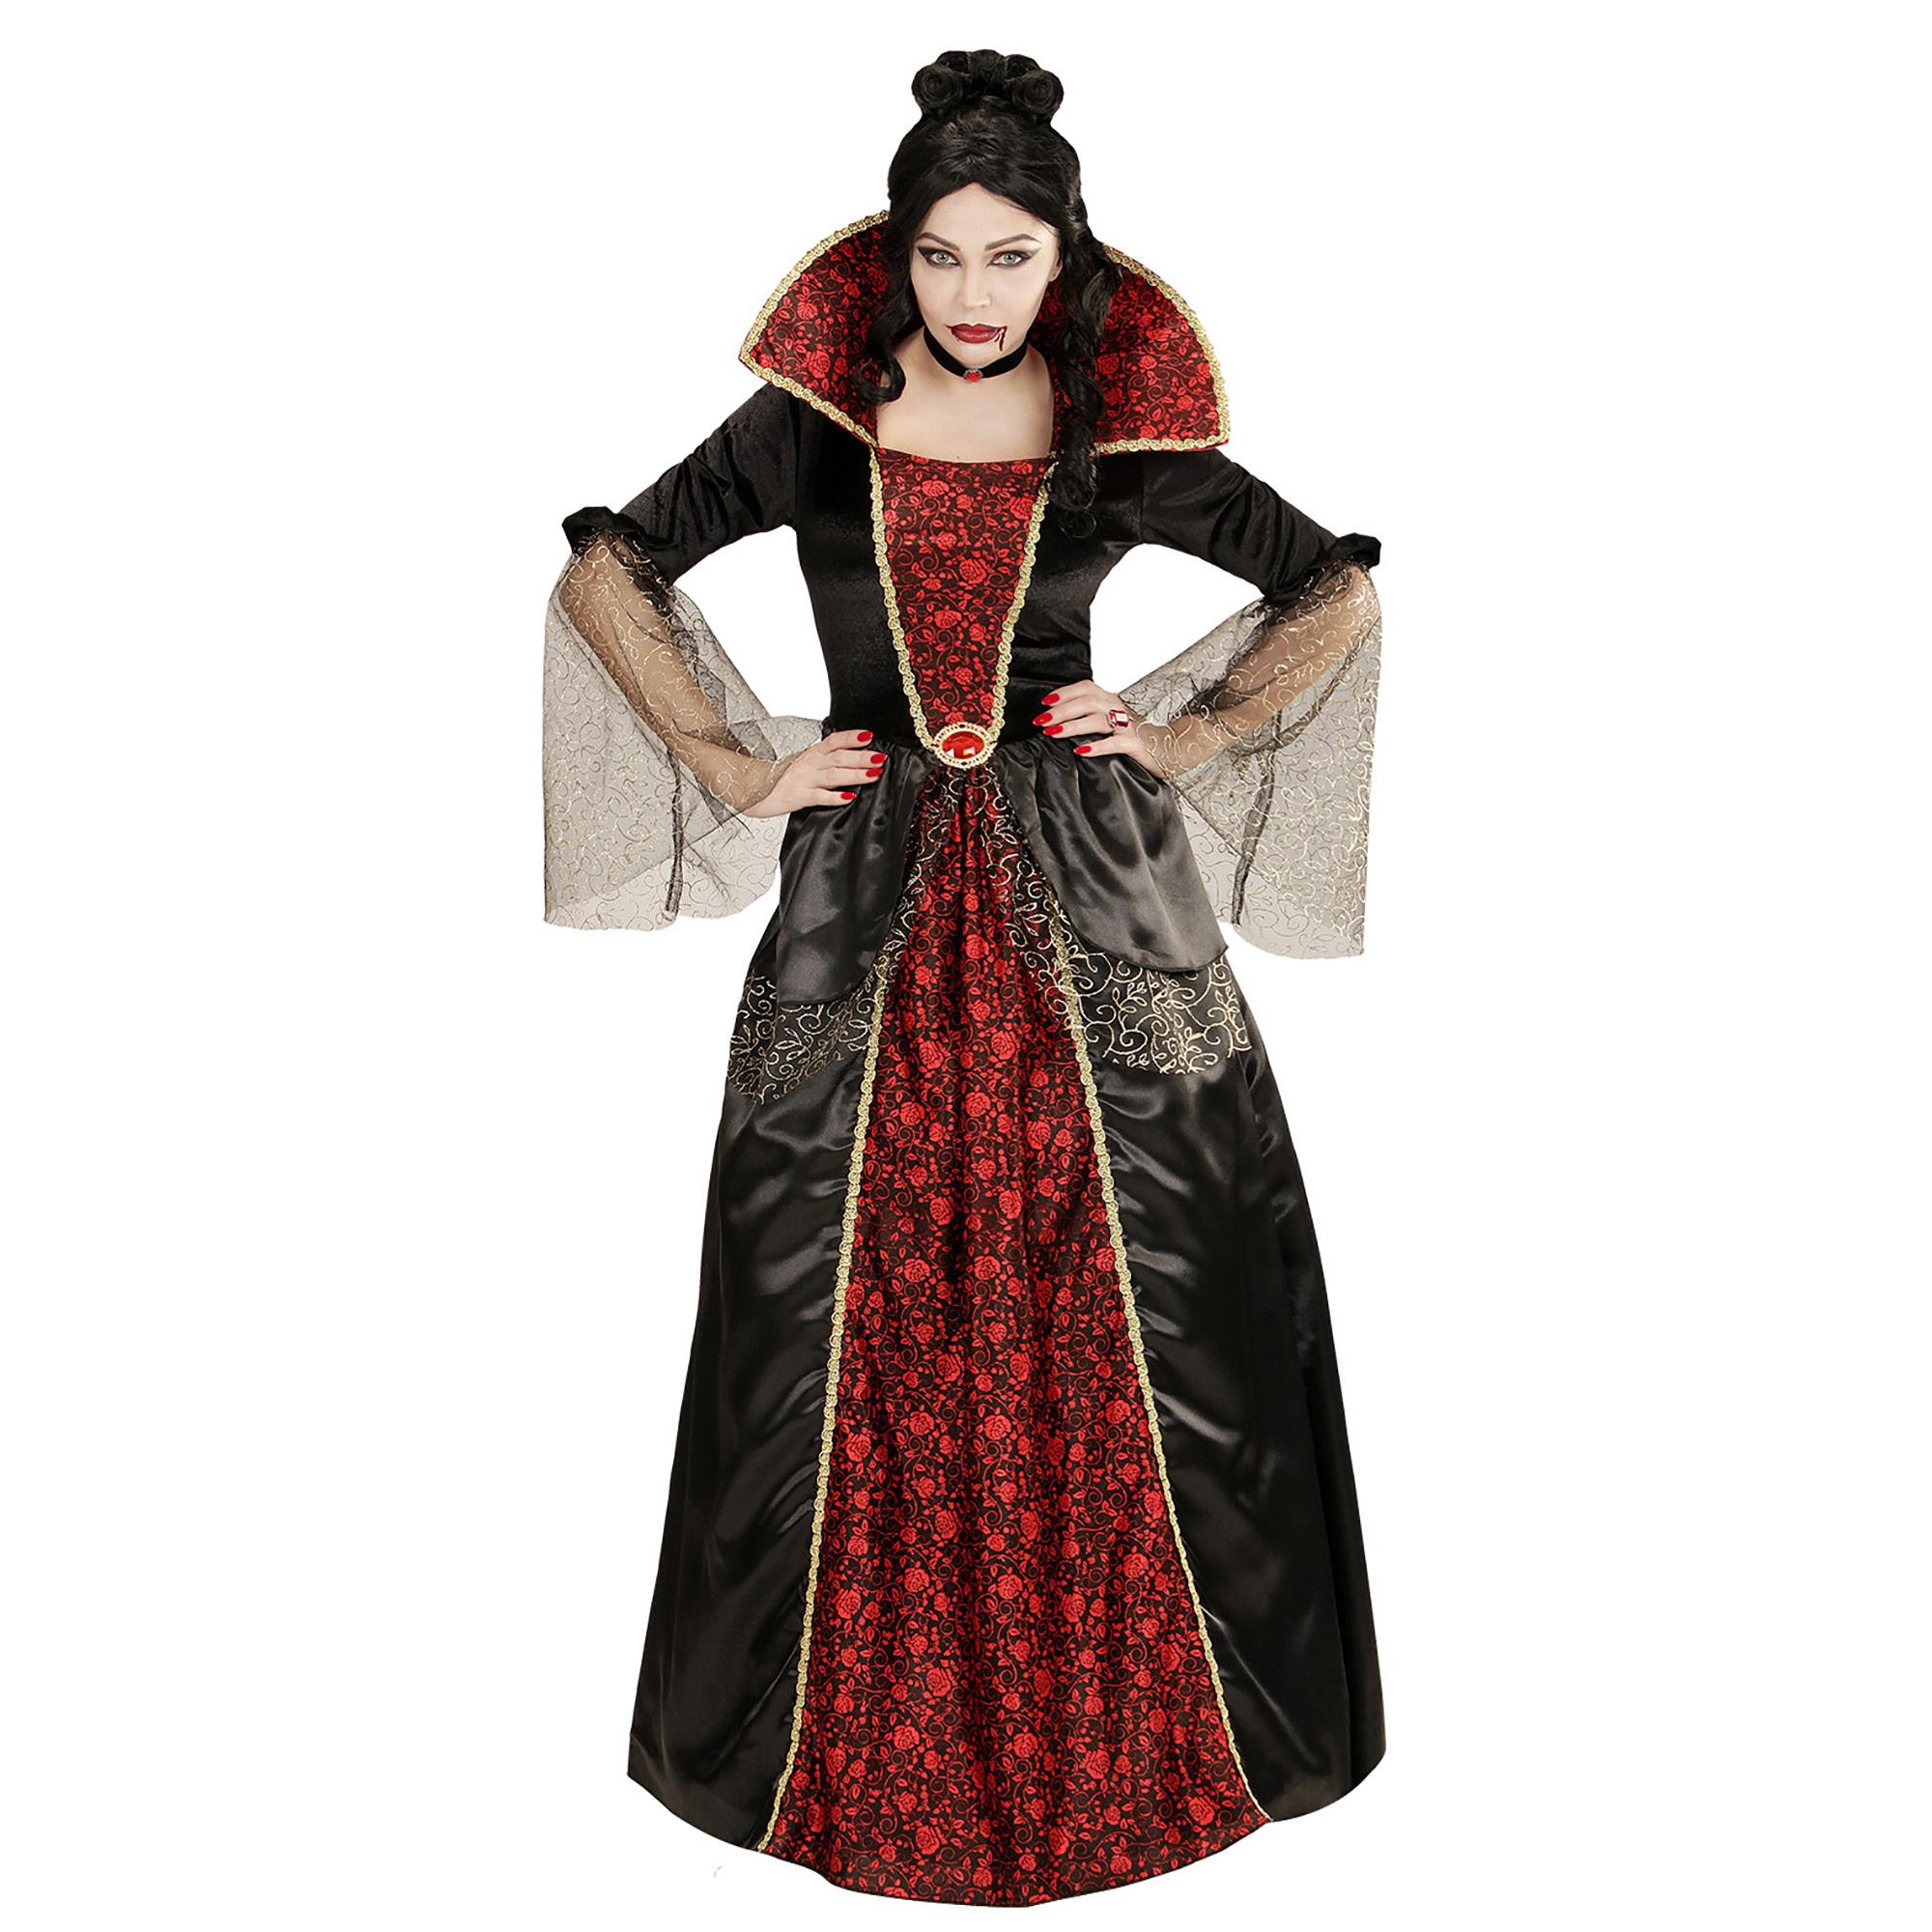 Zeer Vampieren kostuum dames The dark vamp BBwebwinkel.nl &KI83